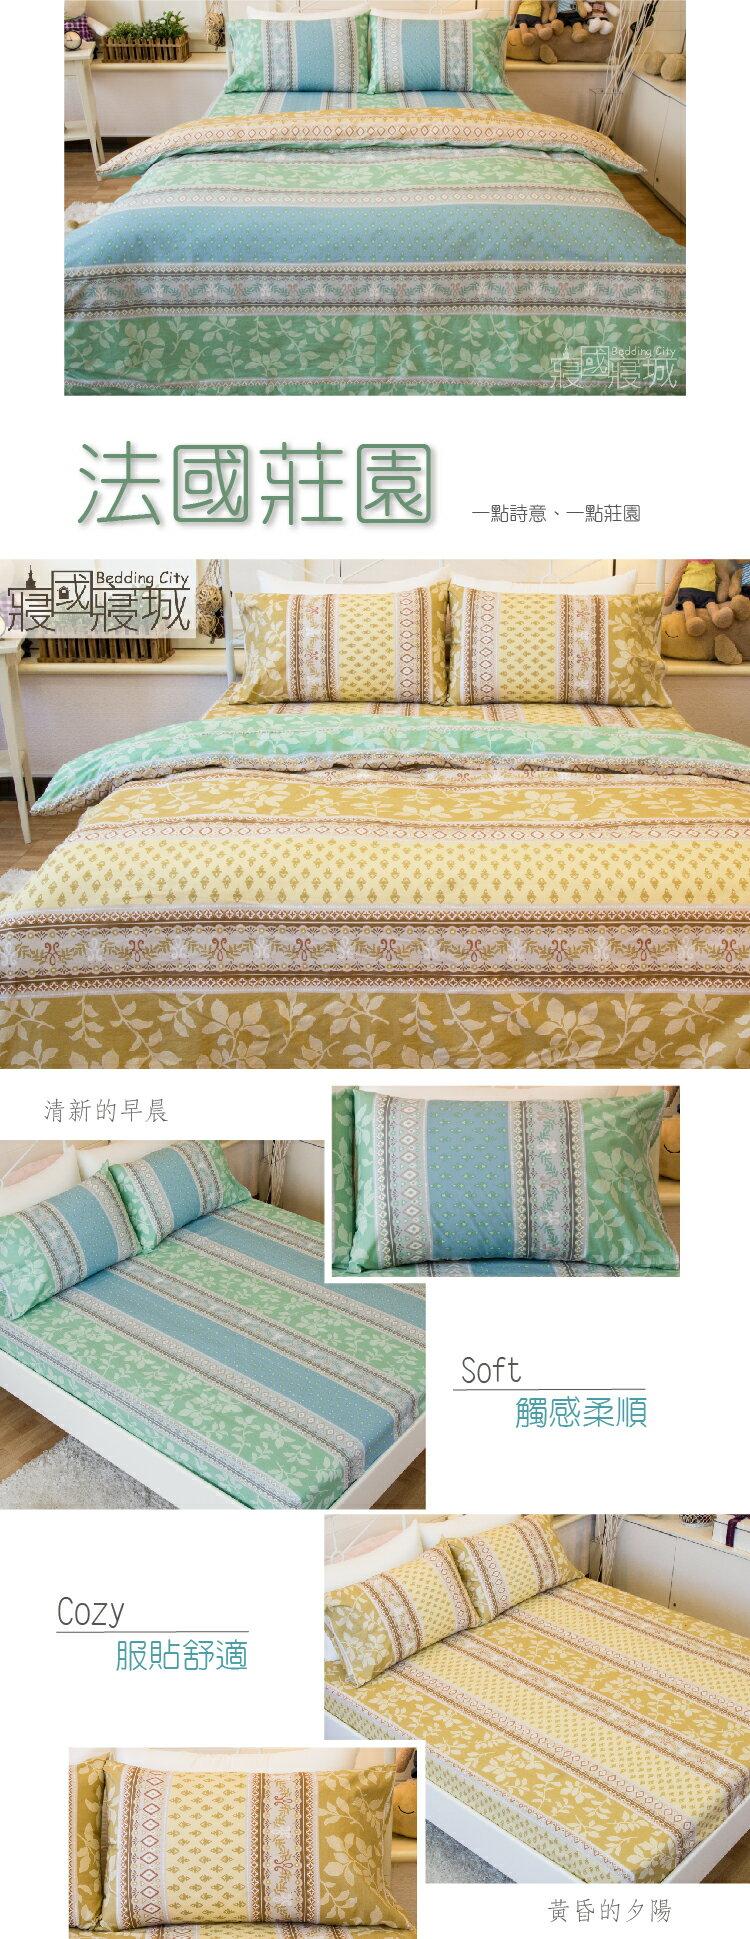 100%精梳棉-加大雙人床包兩件組 法國莊園【大鐘印染、台灣製造】#精梳純綿 1